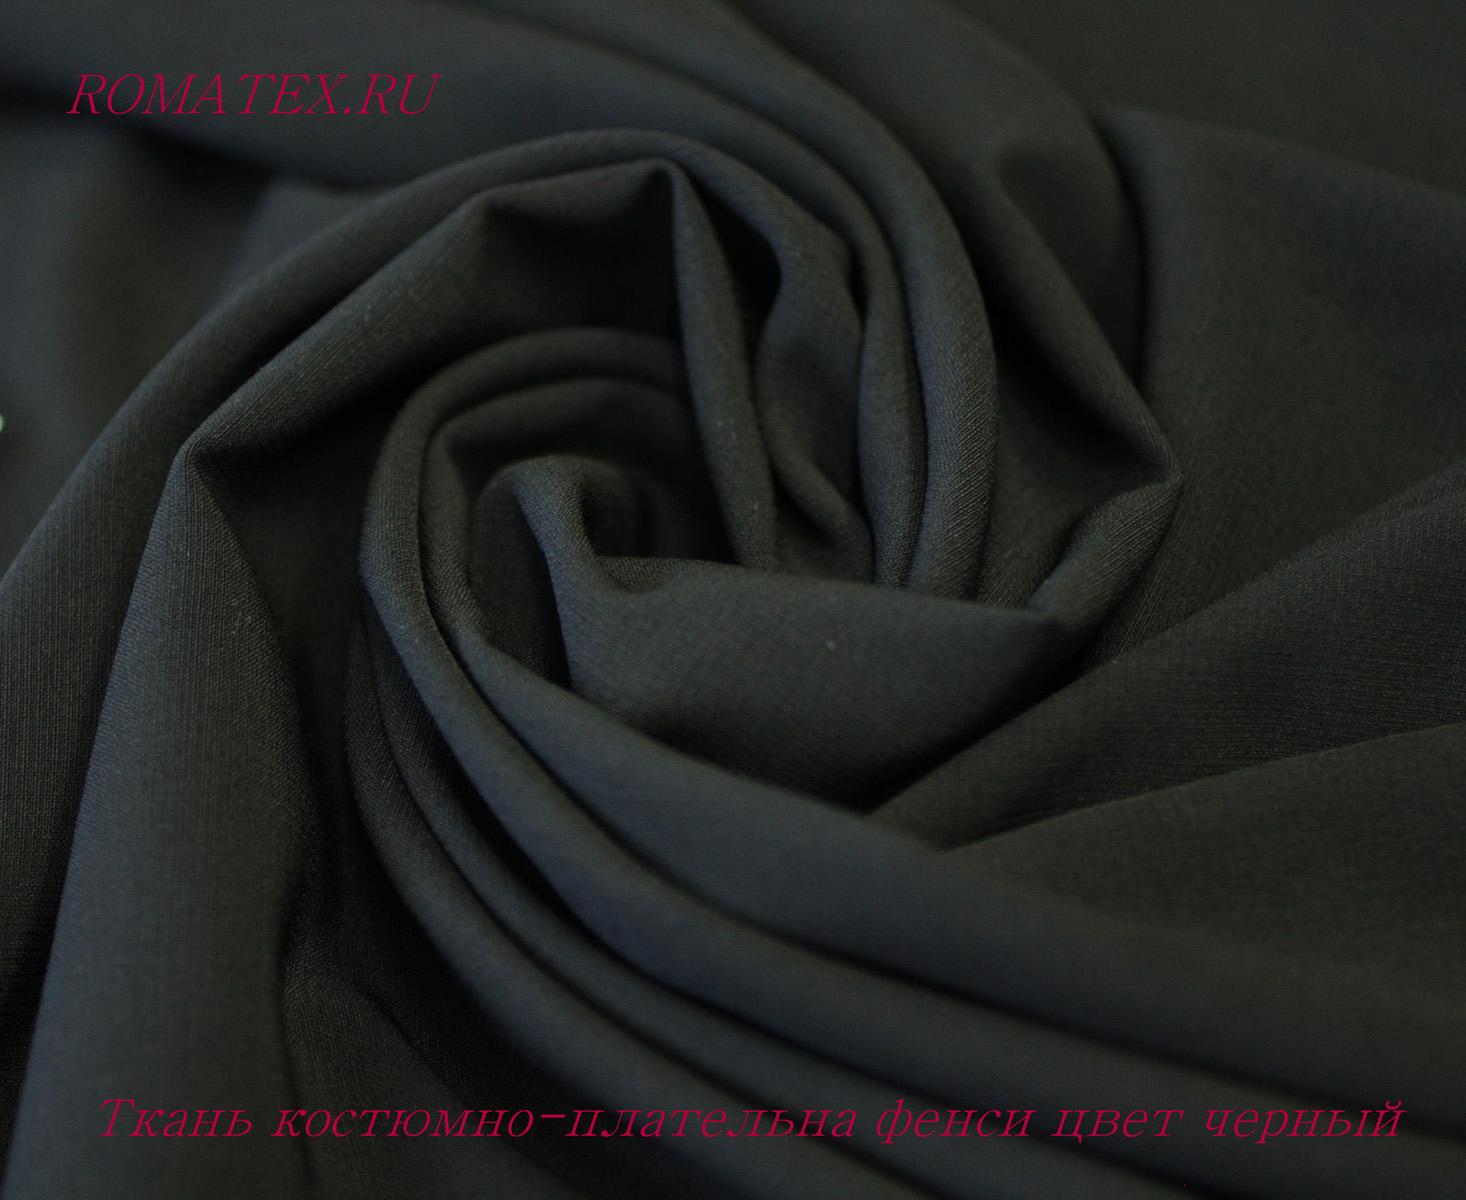 Костюмно-плательная фенси цвет черный